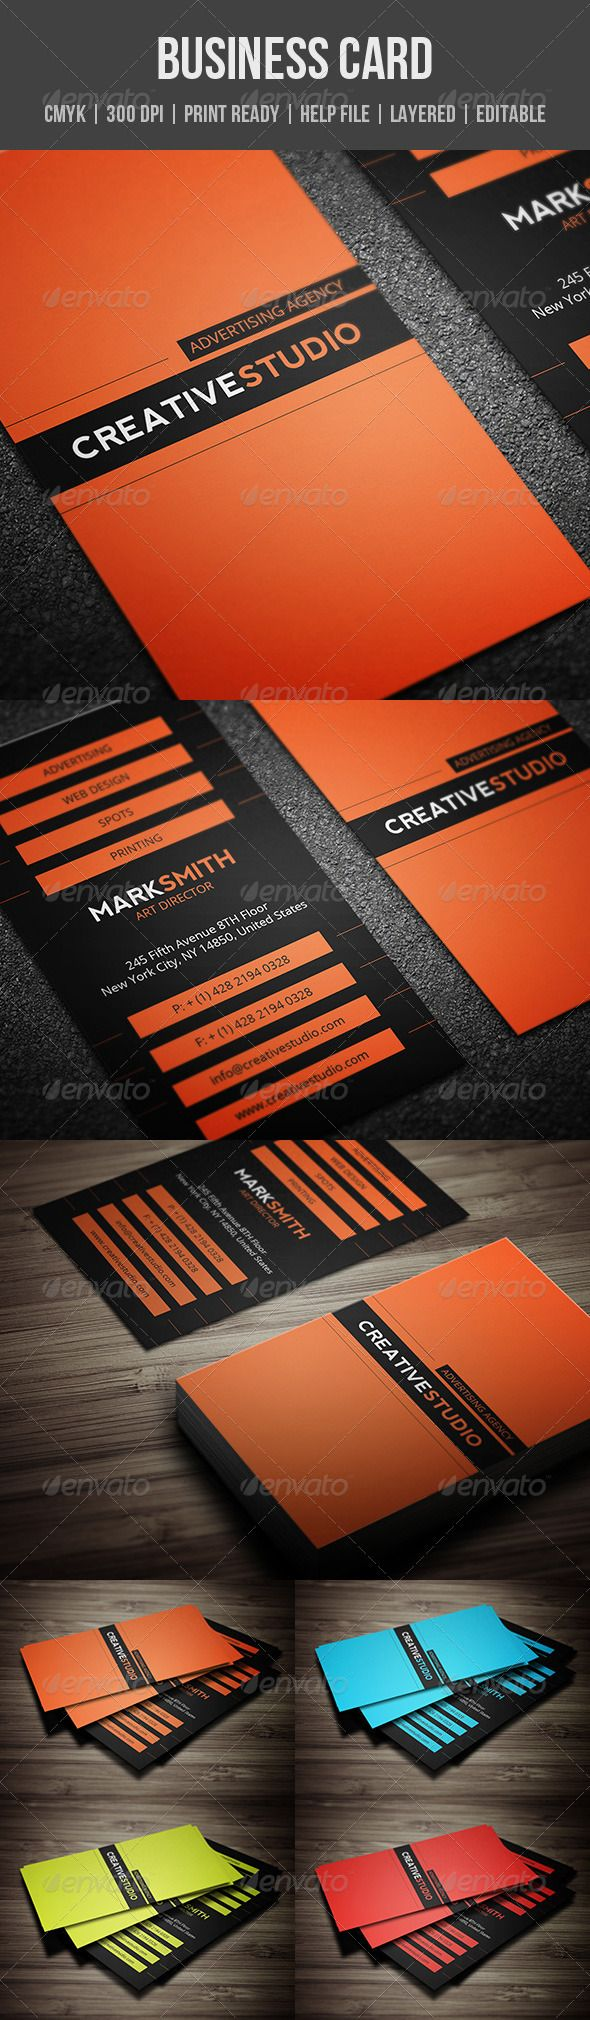 34 best DJ Business Cards images on Pinterest | Dj business cards ...